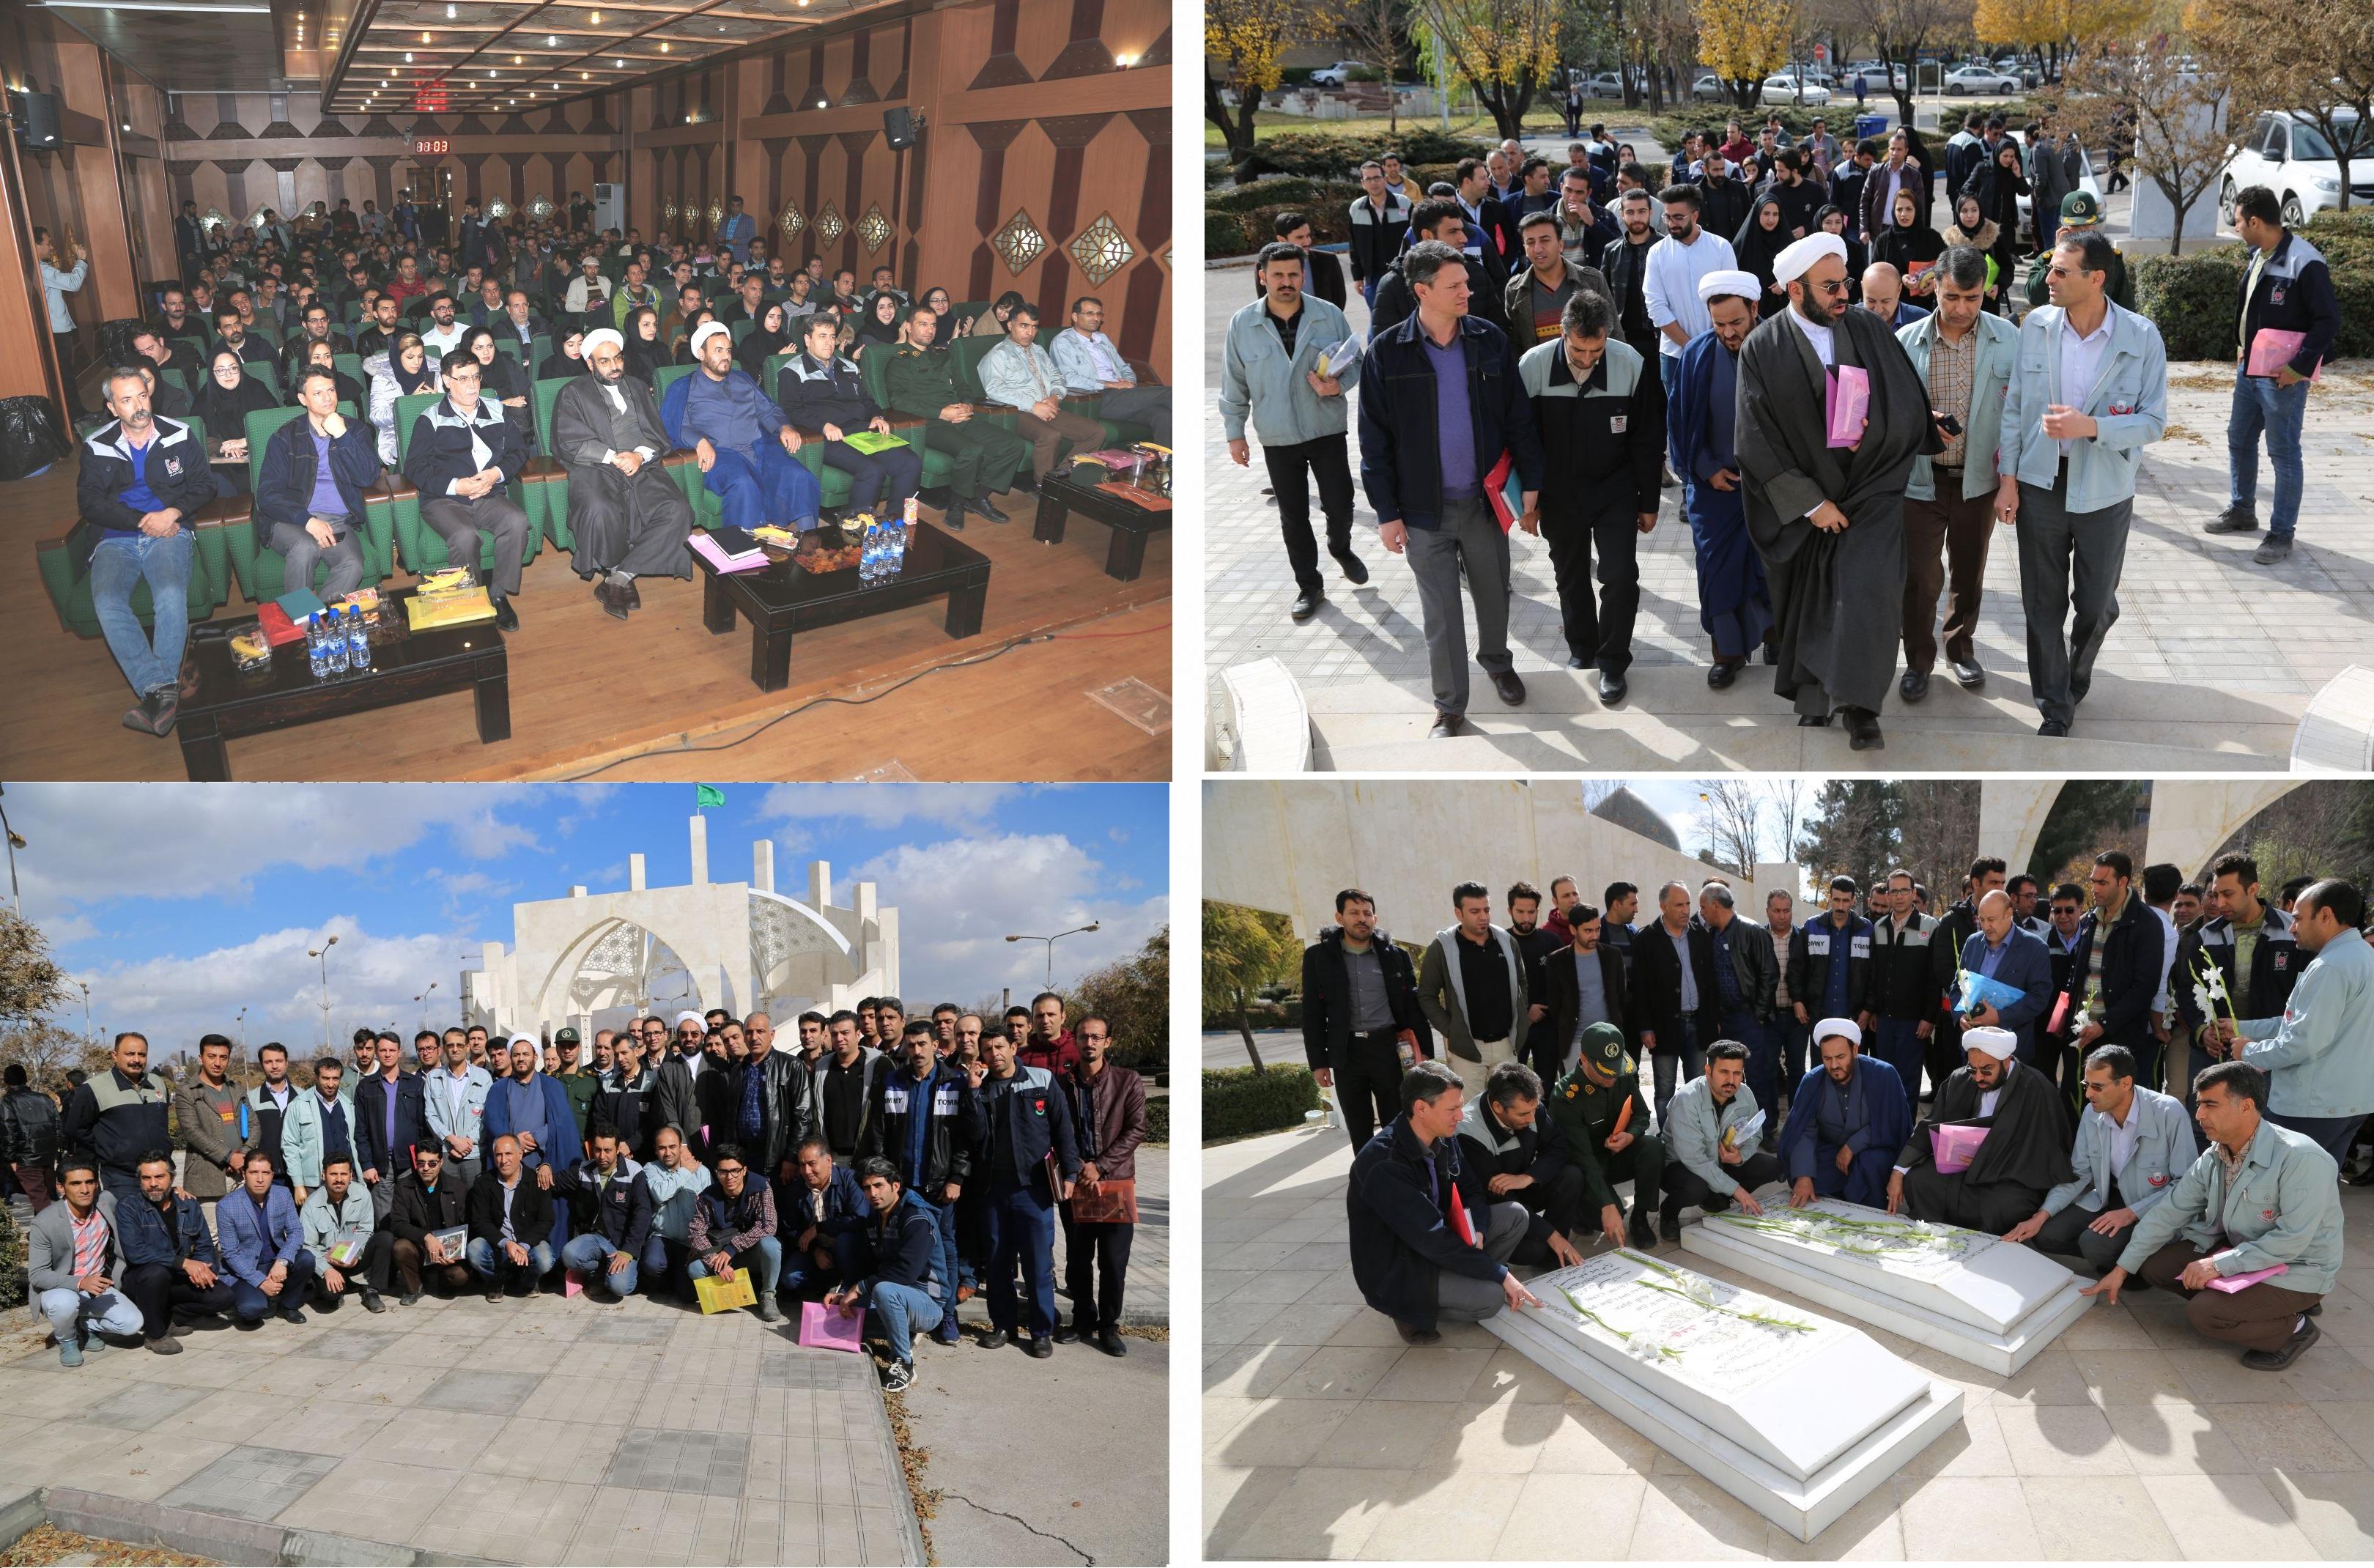 ذوب آهن اصفهان یک مجتمع عظیم صنعتی و دانشگاهی است